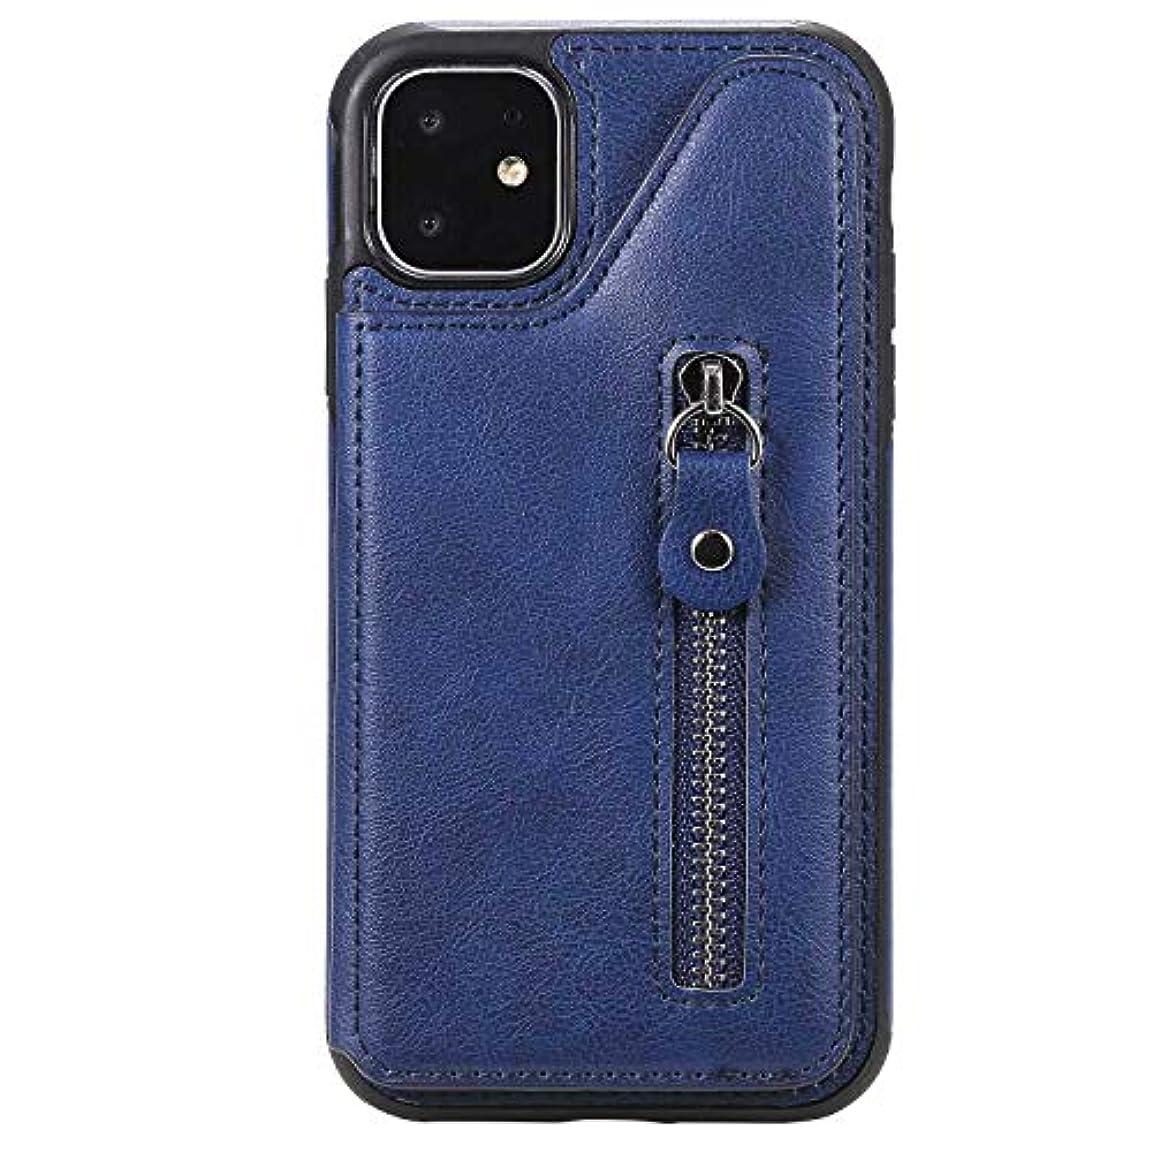 スマートマウントバンク飛び込むOMATENTI iPhone 11 6.1 ケース, PUレザー 薄型 簡約風 人気 新品 バックケース iPhone 11 6.1 用 Case Cover, 財布とコインポケット付き, 液晶保護 カード収納, 青